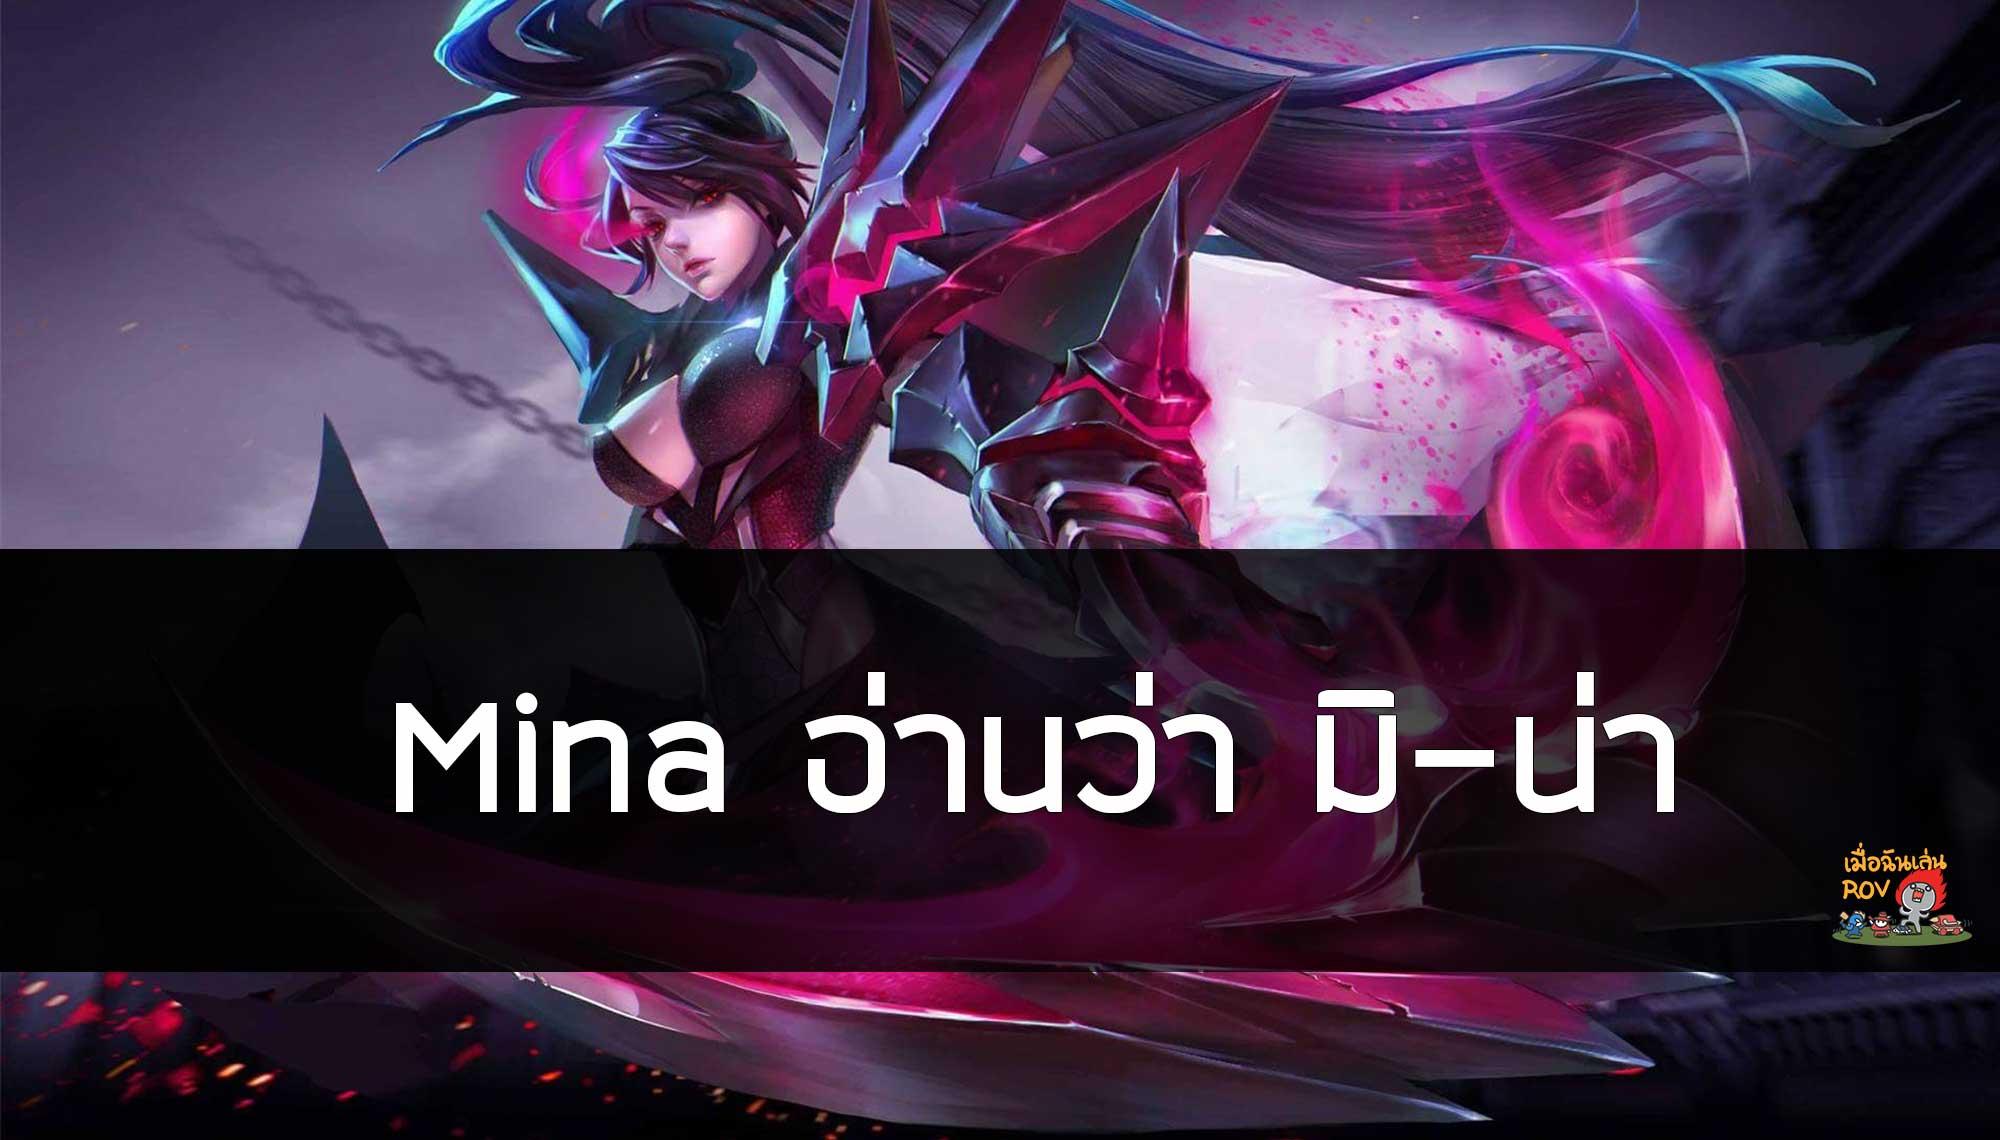 Mina อ่านว่า มิ-น่า